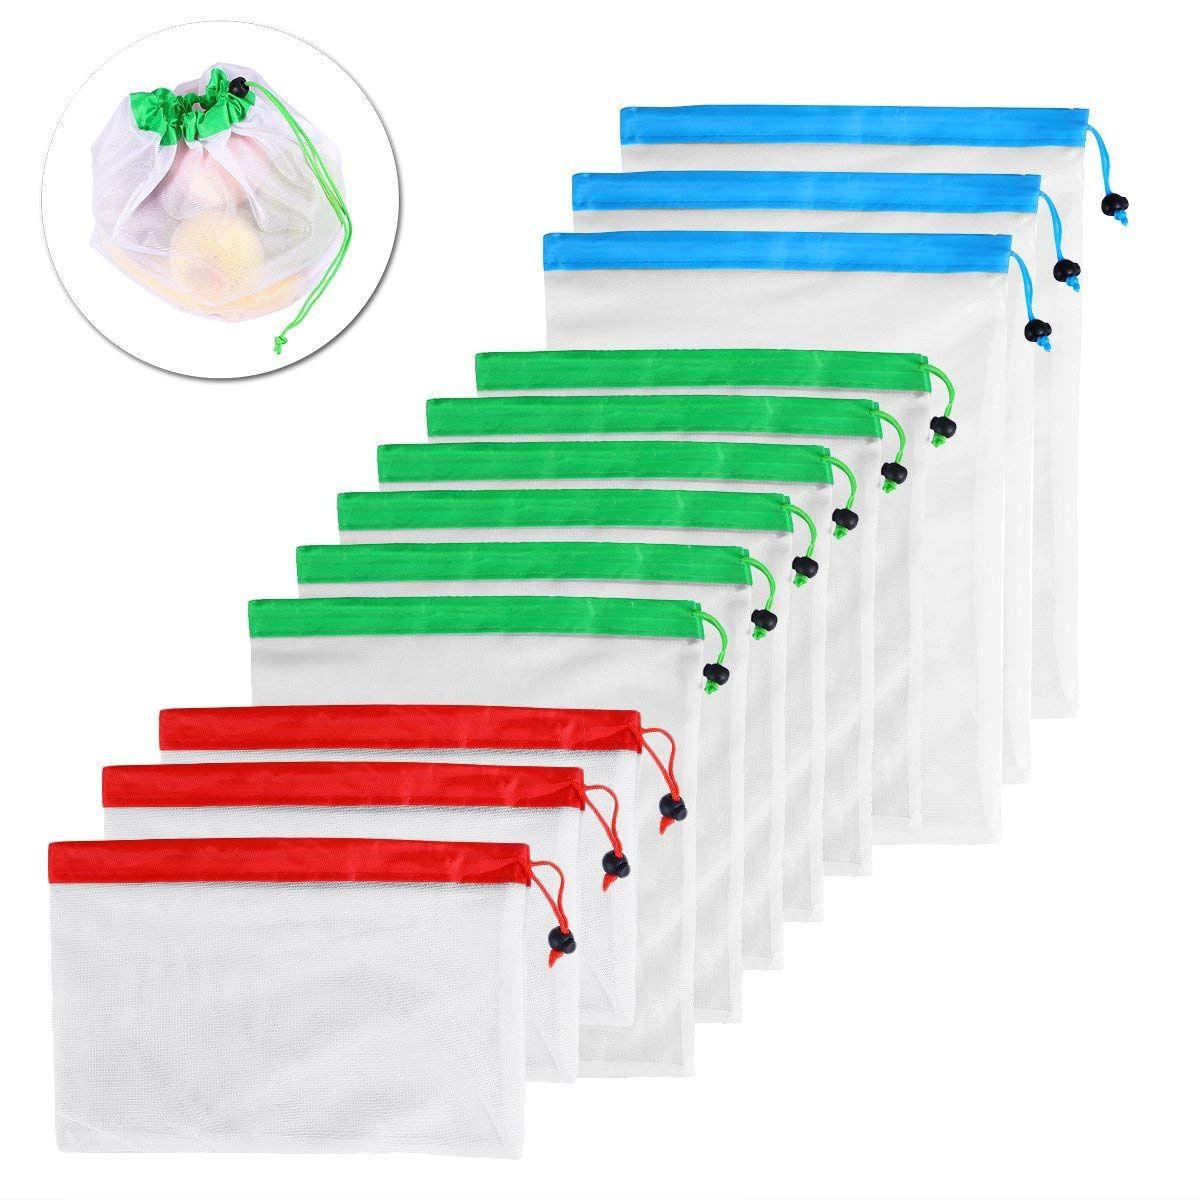 DCOS 12 pièces maille réutilisable produire des sacs lavables sacs écologiques pour l'épicerie stockage fruits légumes jouets